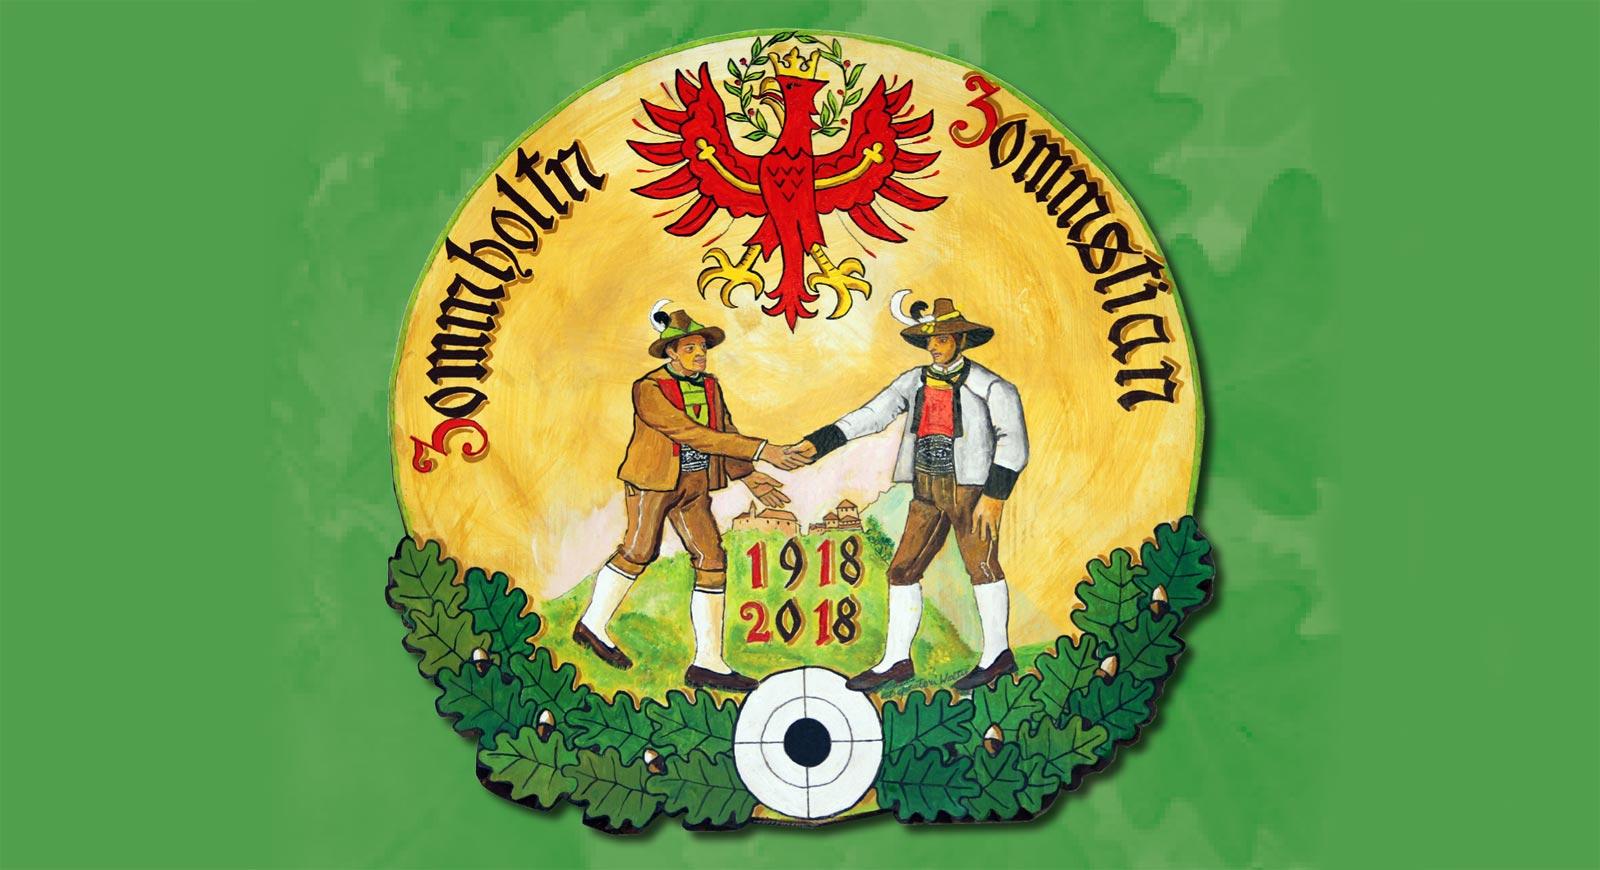 Tiroler Gedenkschießen 1918/2018